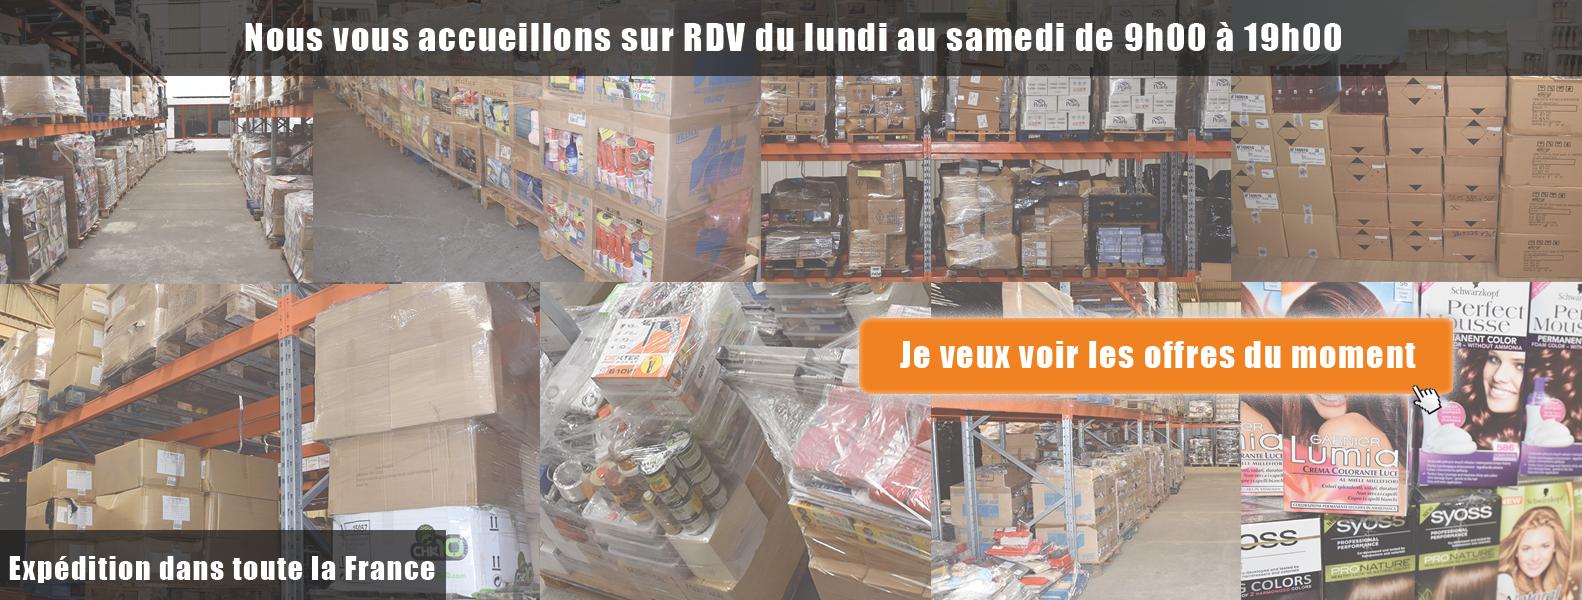 http://www.lot-revendeur.com/wp-content/uploads/2016/12/banniere1-1.png